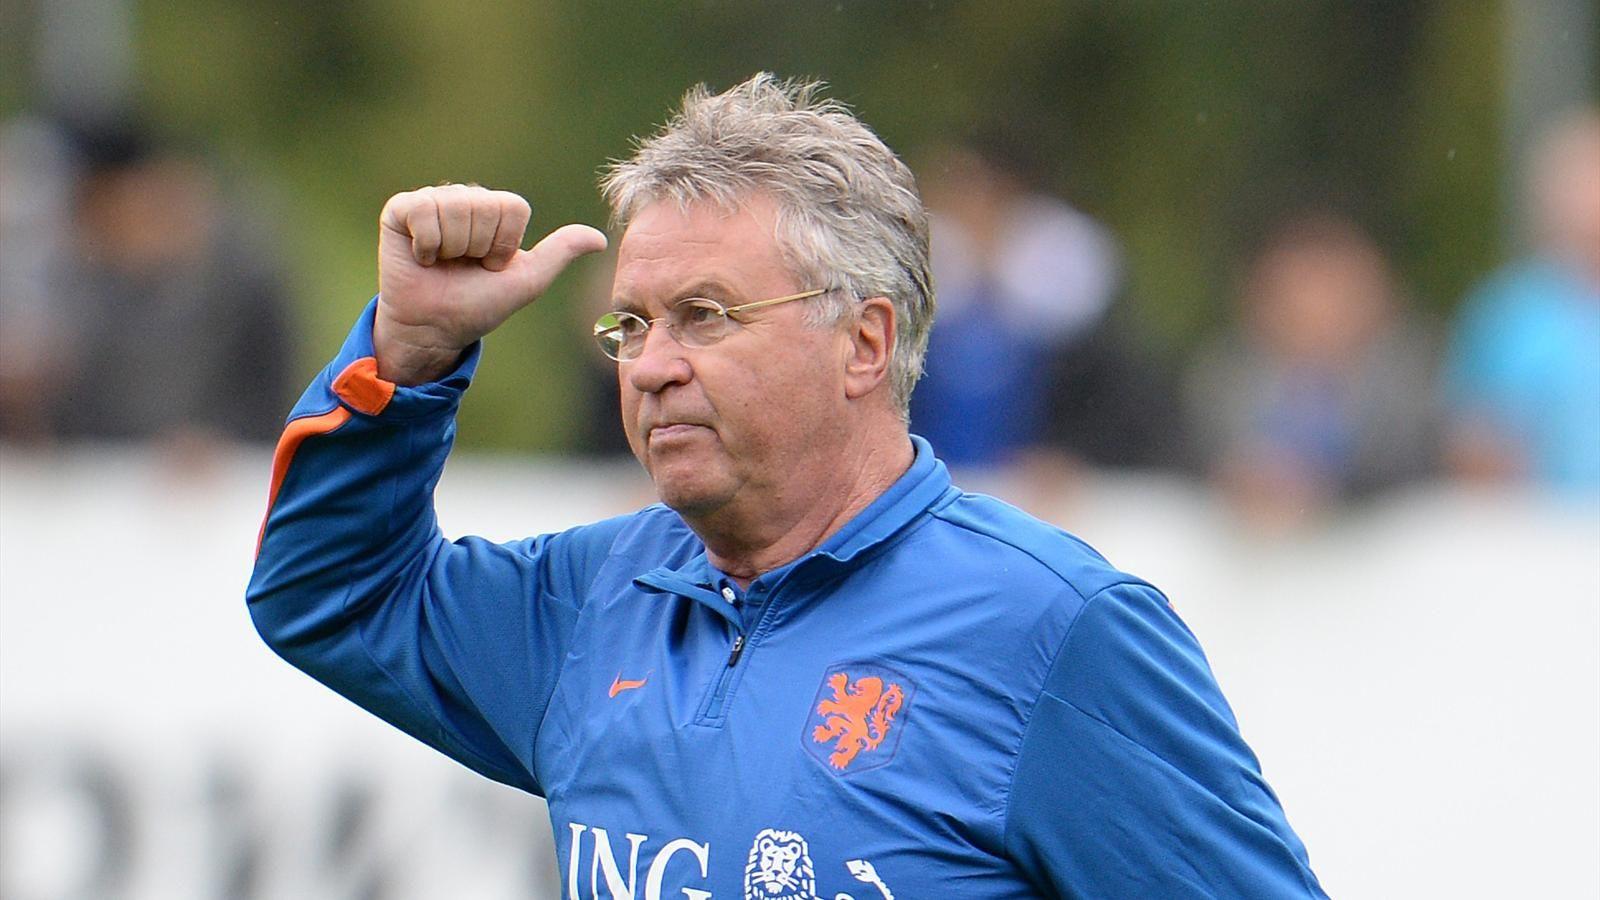 Гус Хиддинк продолжит тренировать сборную Голландии - Kapital.kz